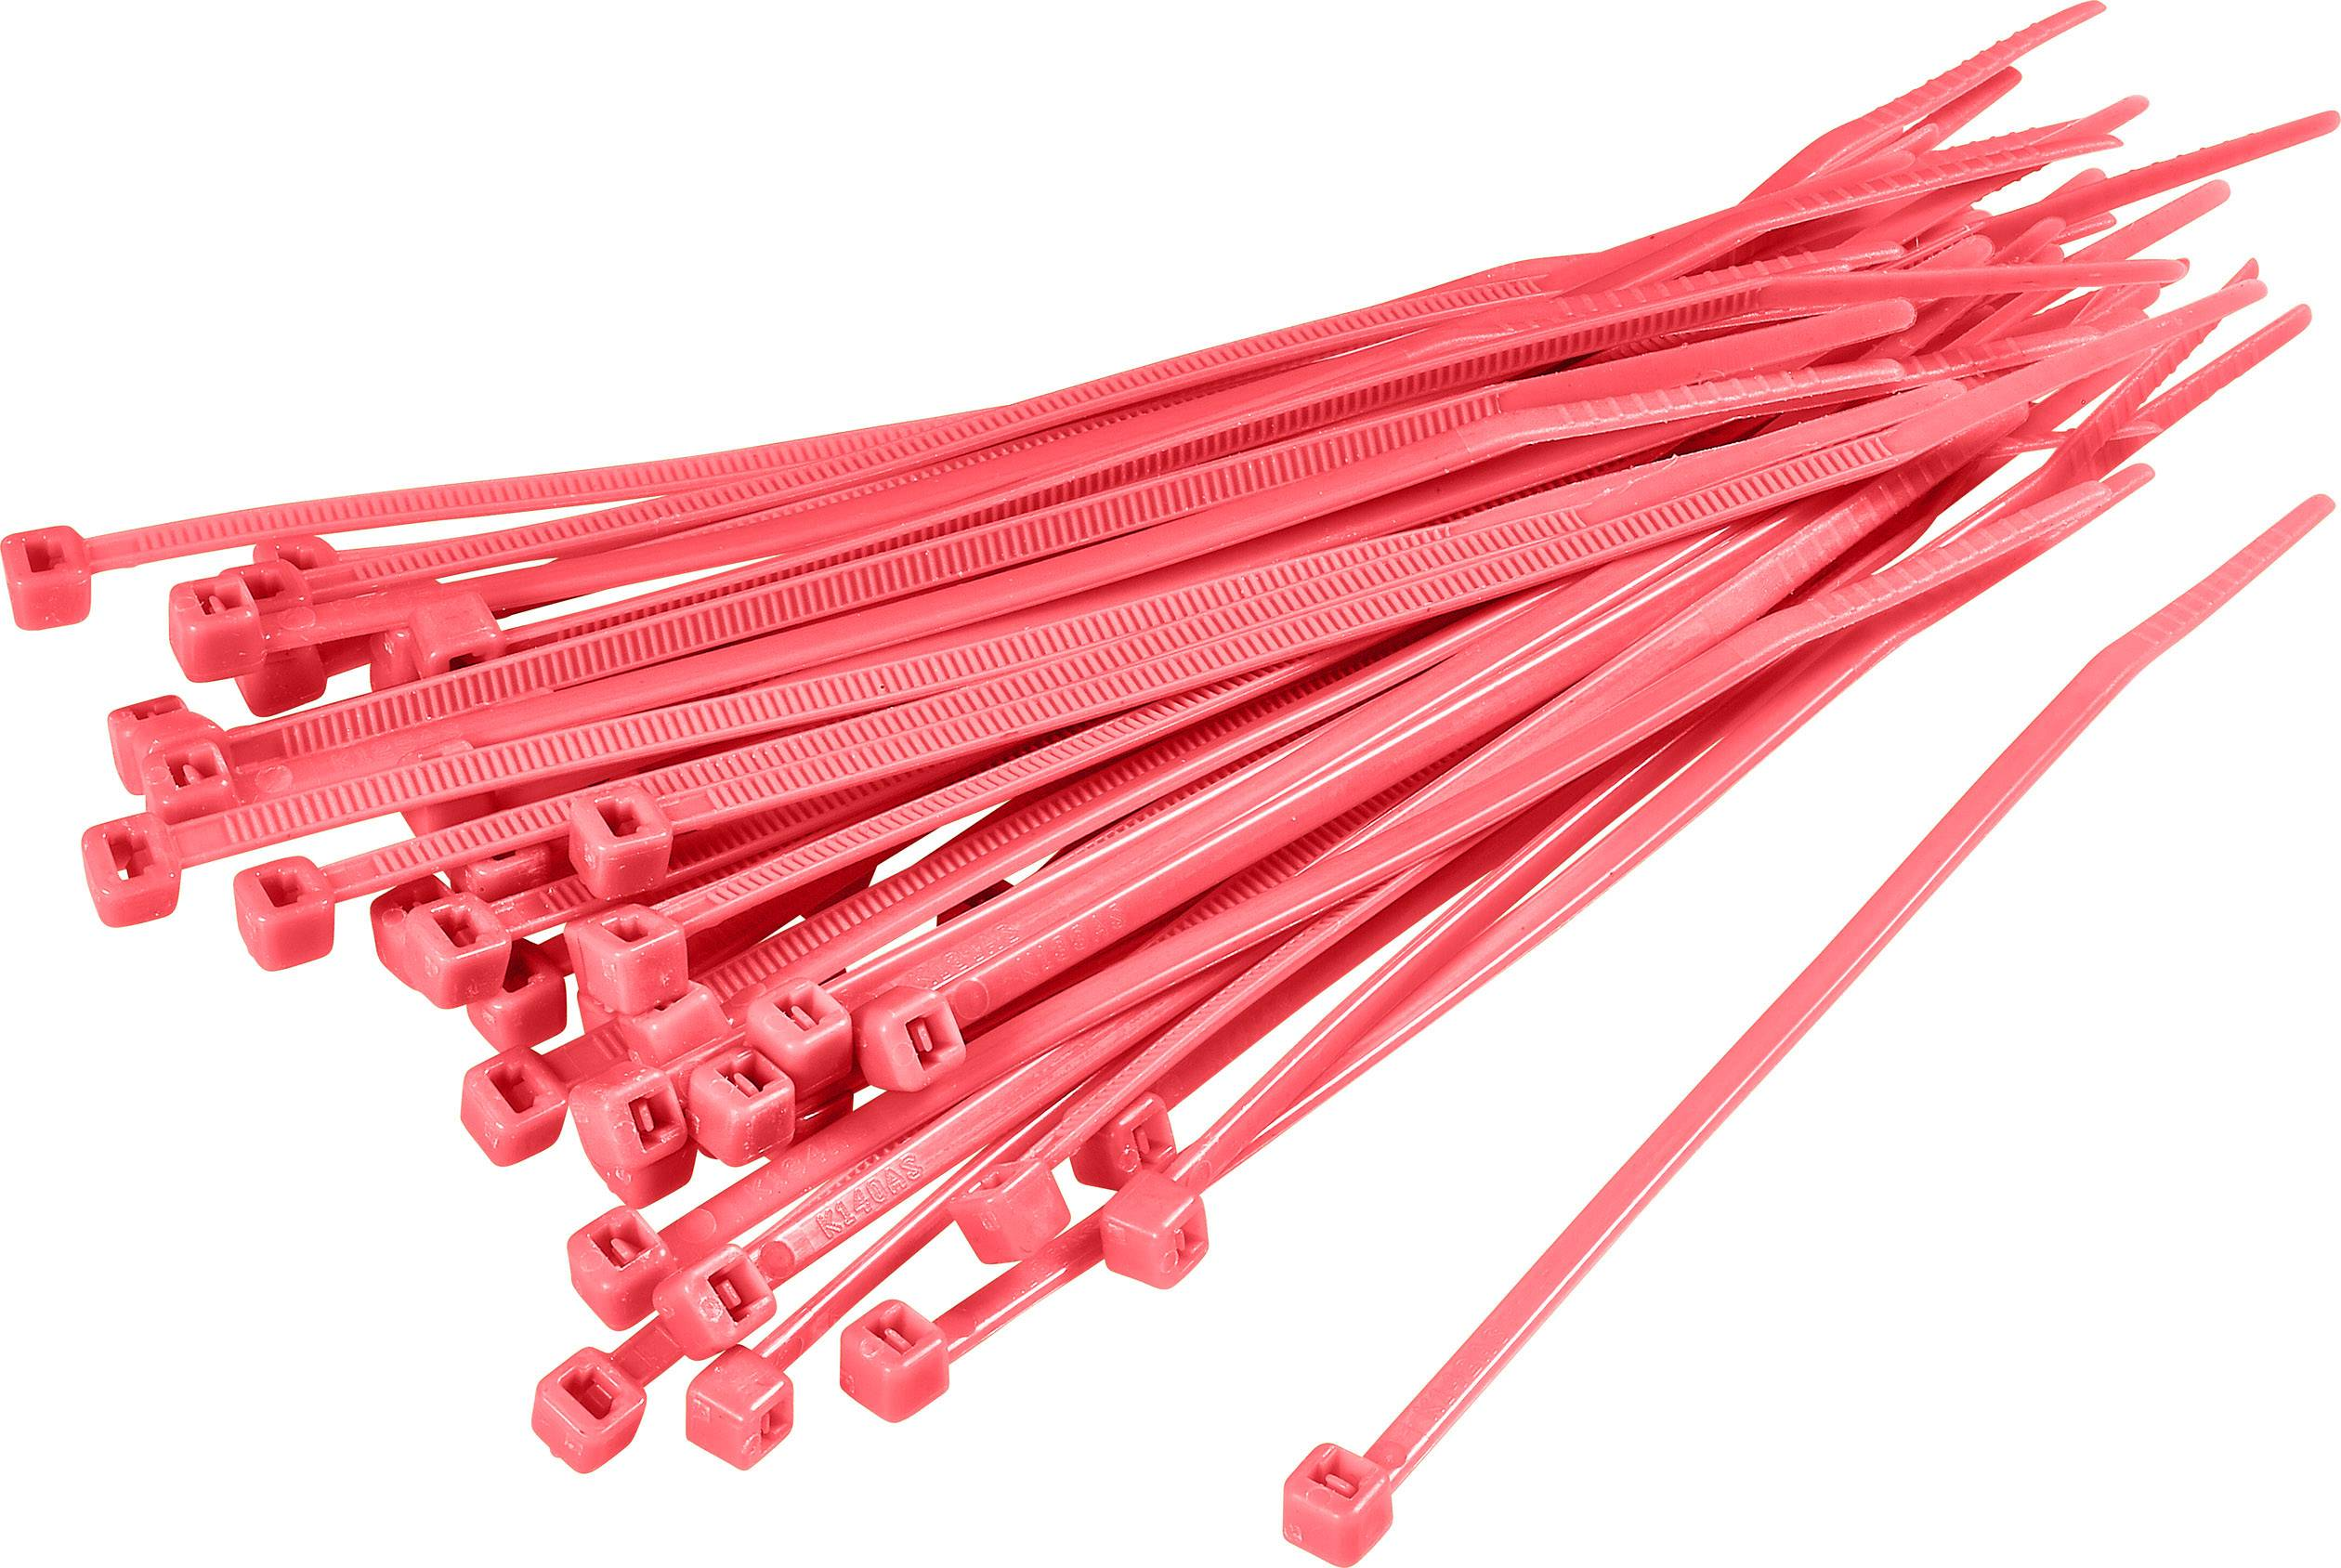 Sťahovacie pásky KSS CV250 1369100, 250 mm, červená, 100 ks